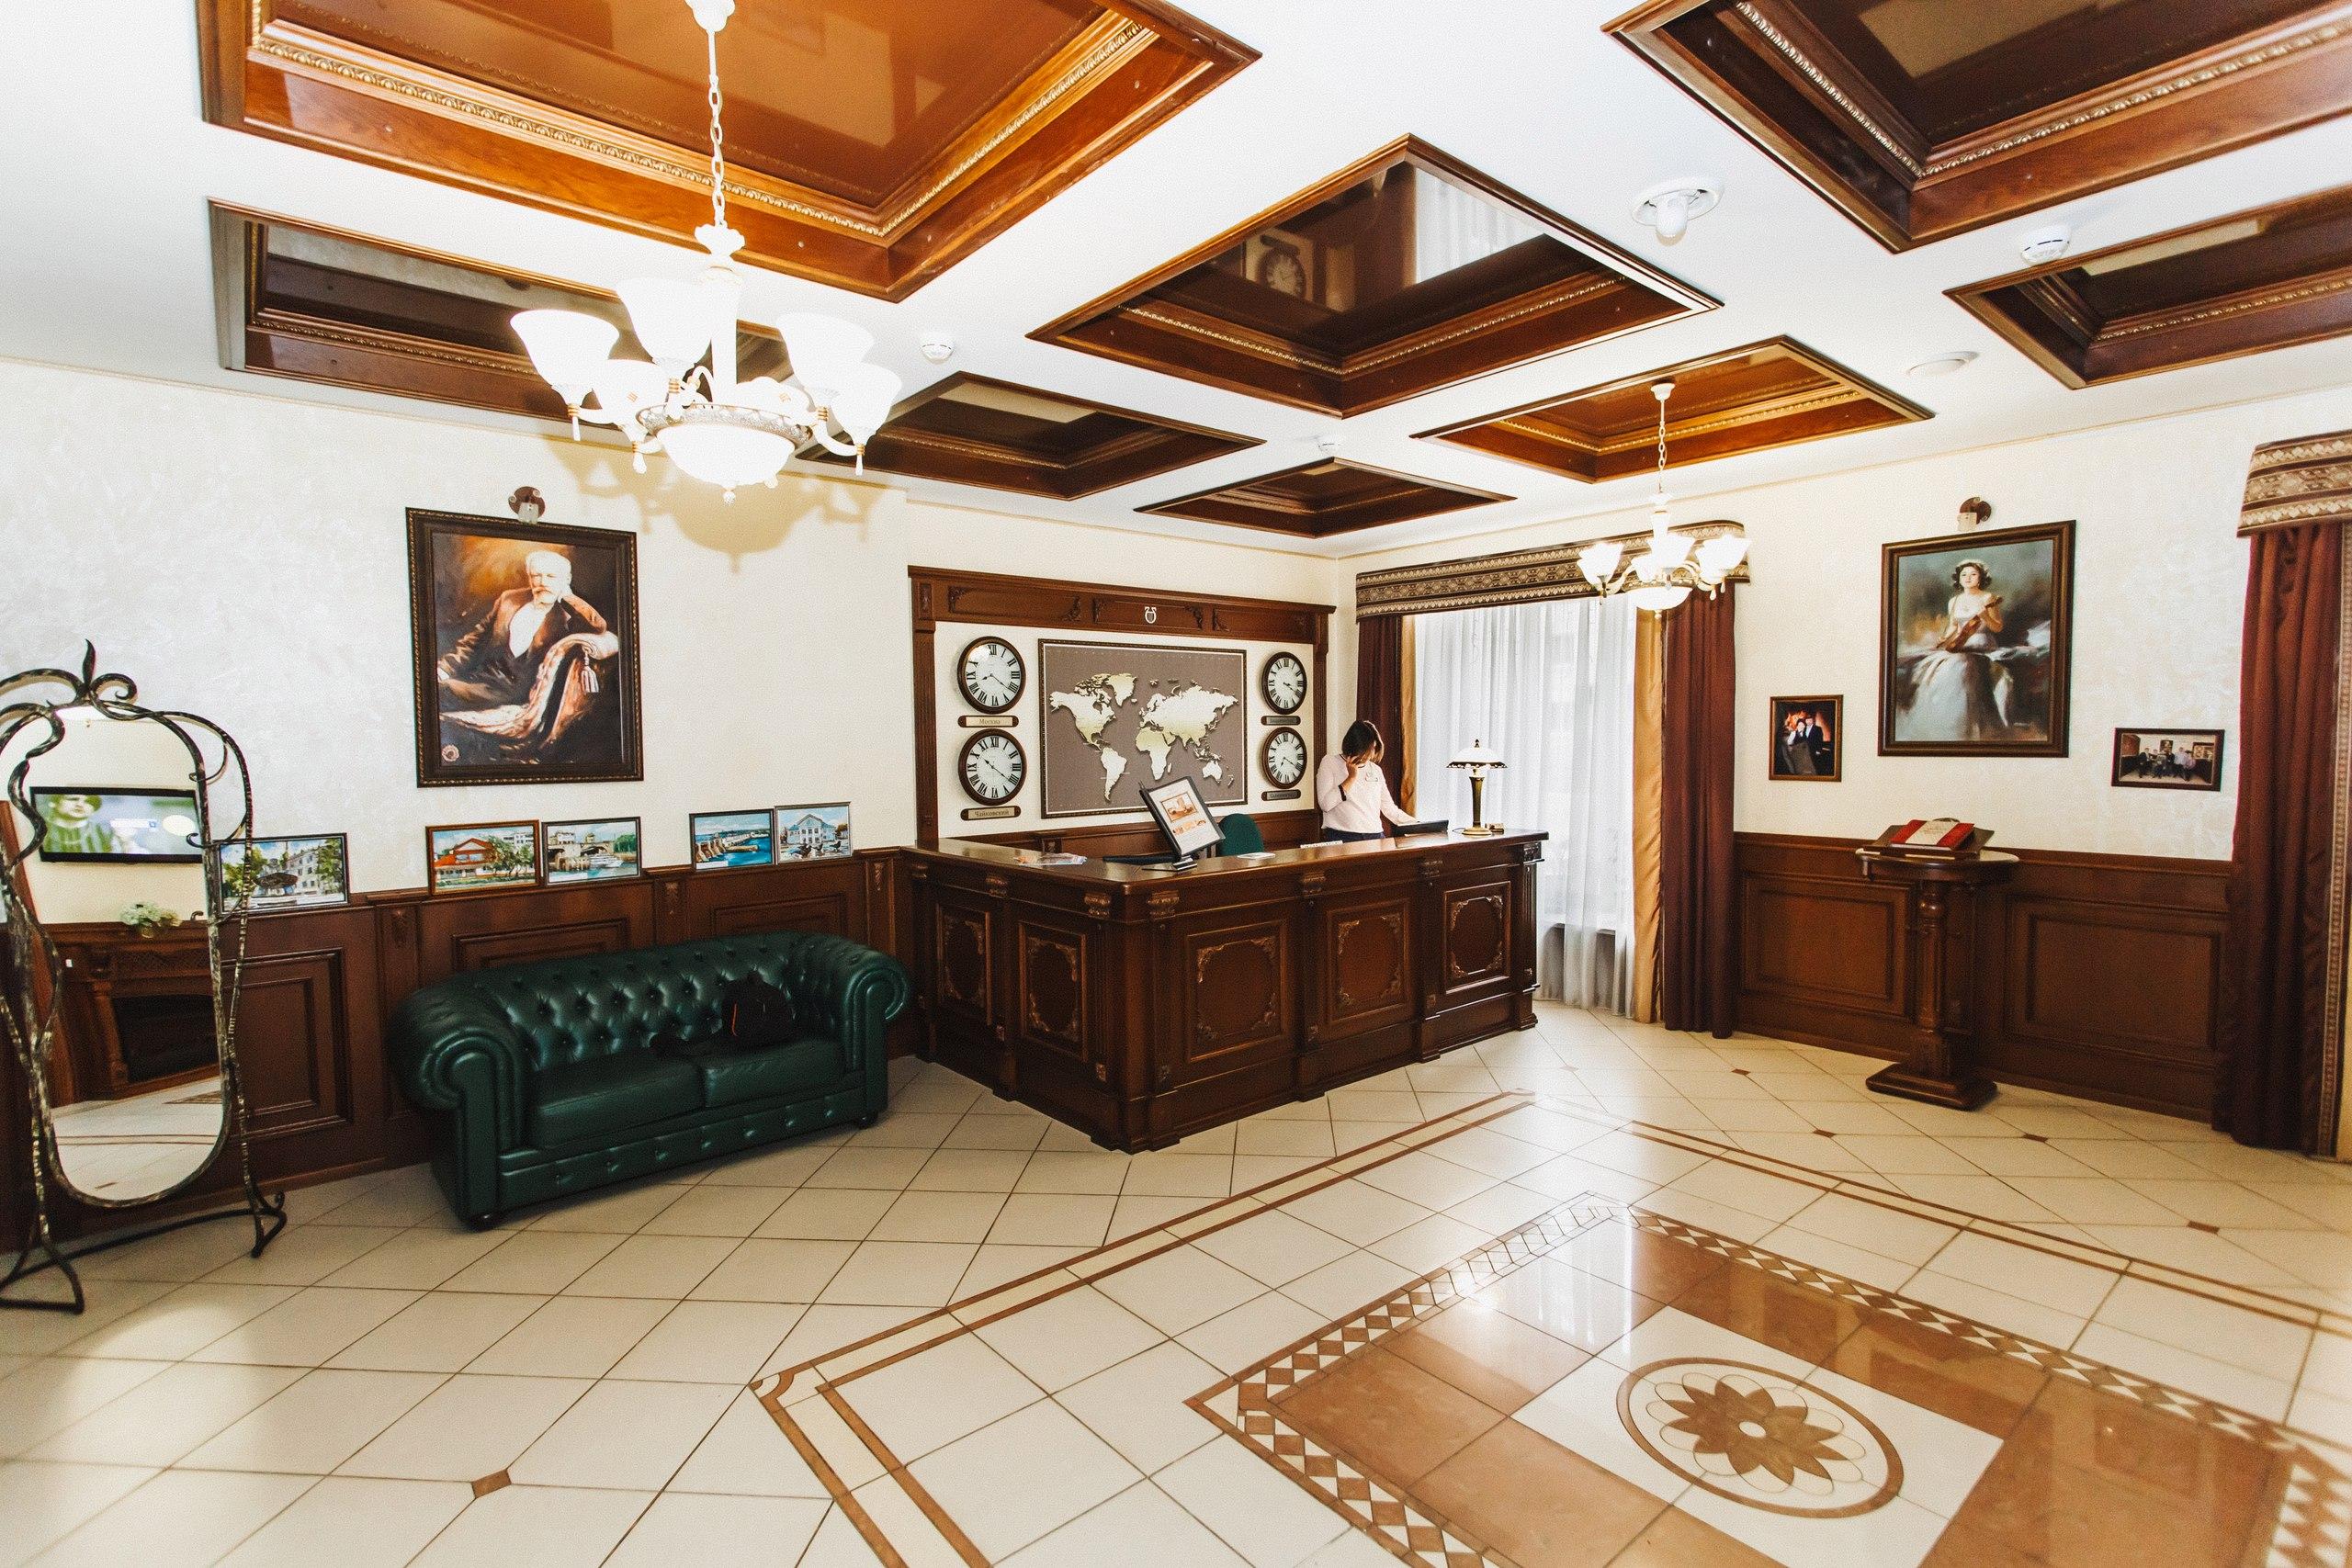 отель Чайковский, 2017 год